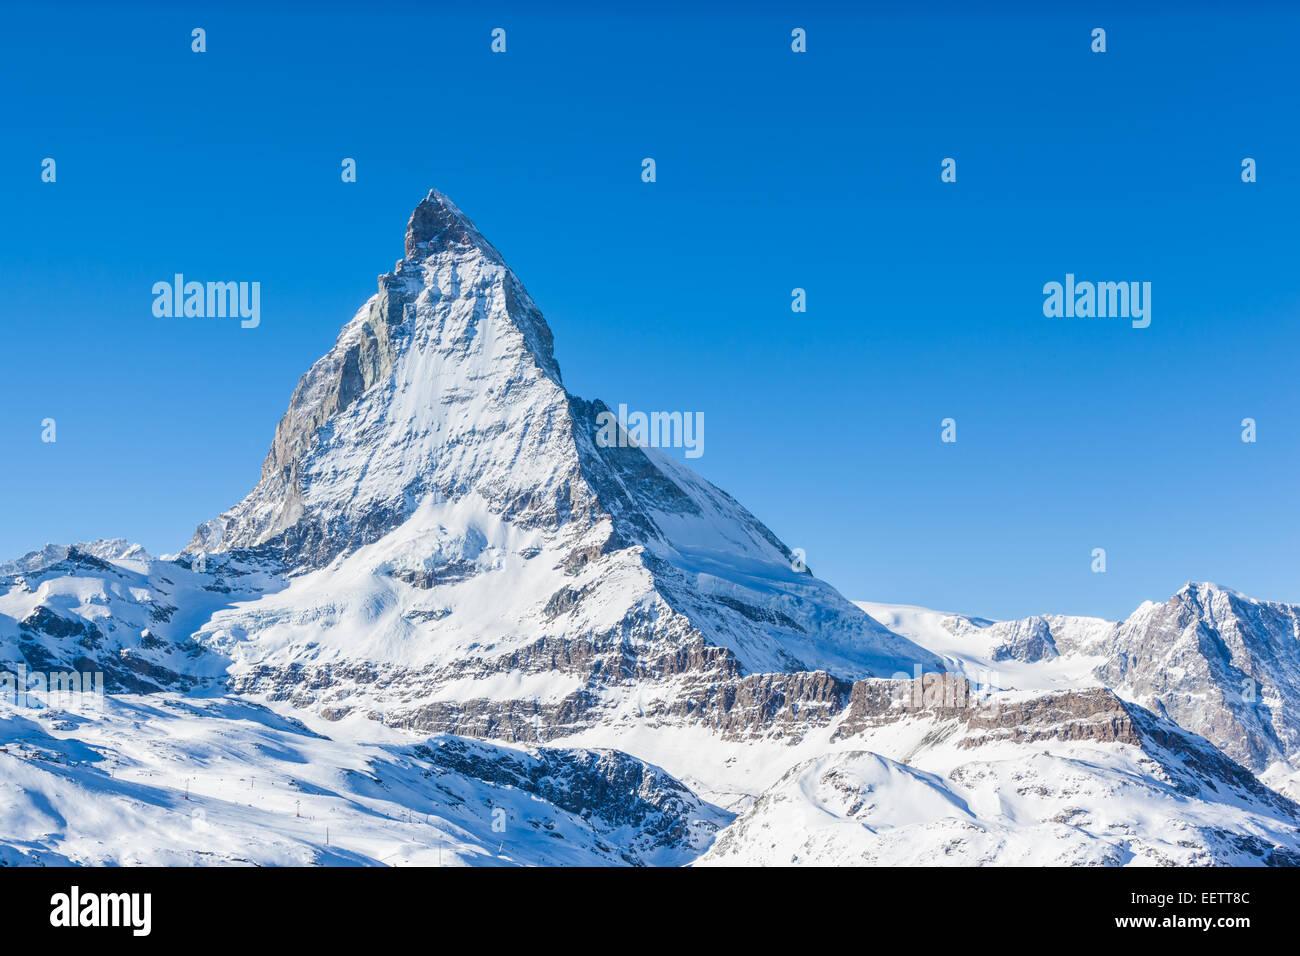 Blick auf Matterhorn an einem klaren sonnigen Tag auf dem Winter-Wanderweg, Zermatt, Schweiz Stockbild